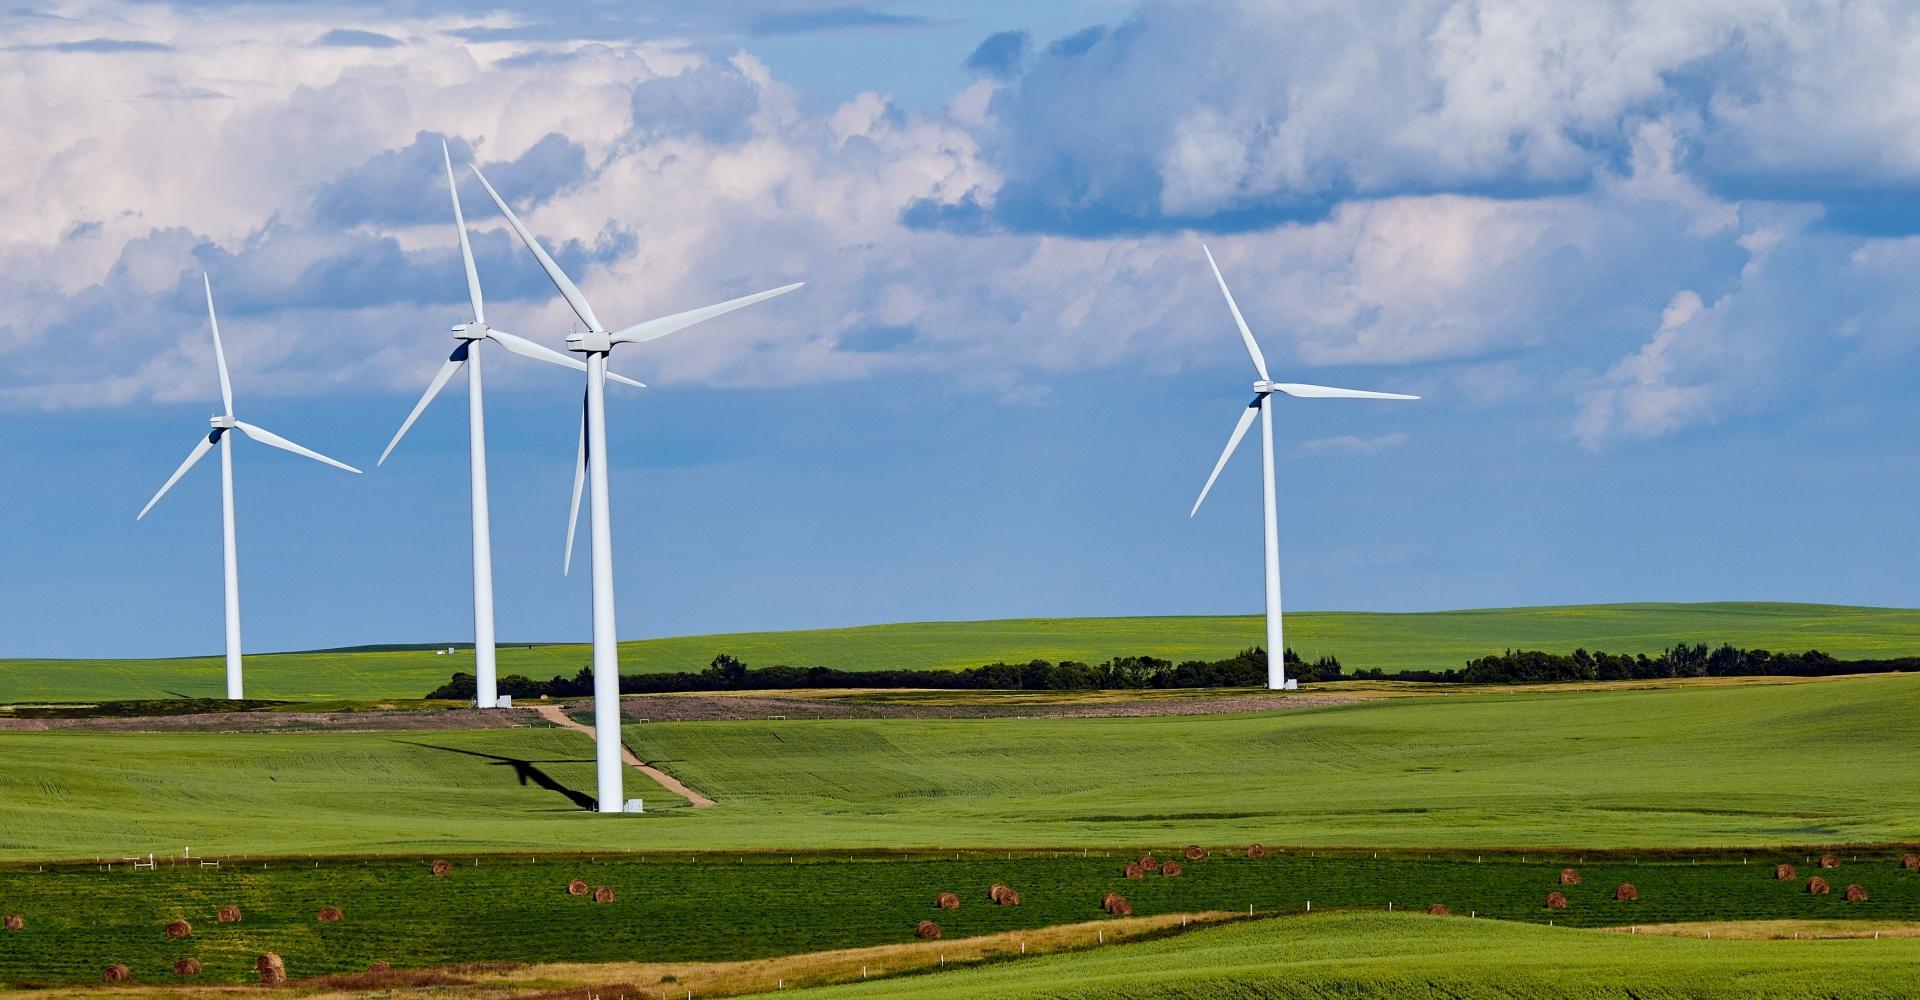 Puterea vantului! o sursa de energie curata!